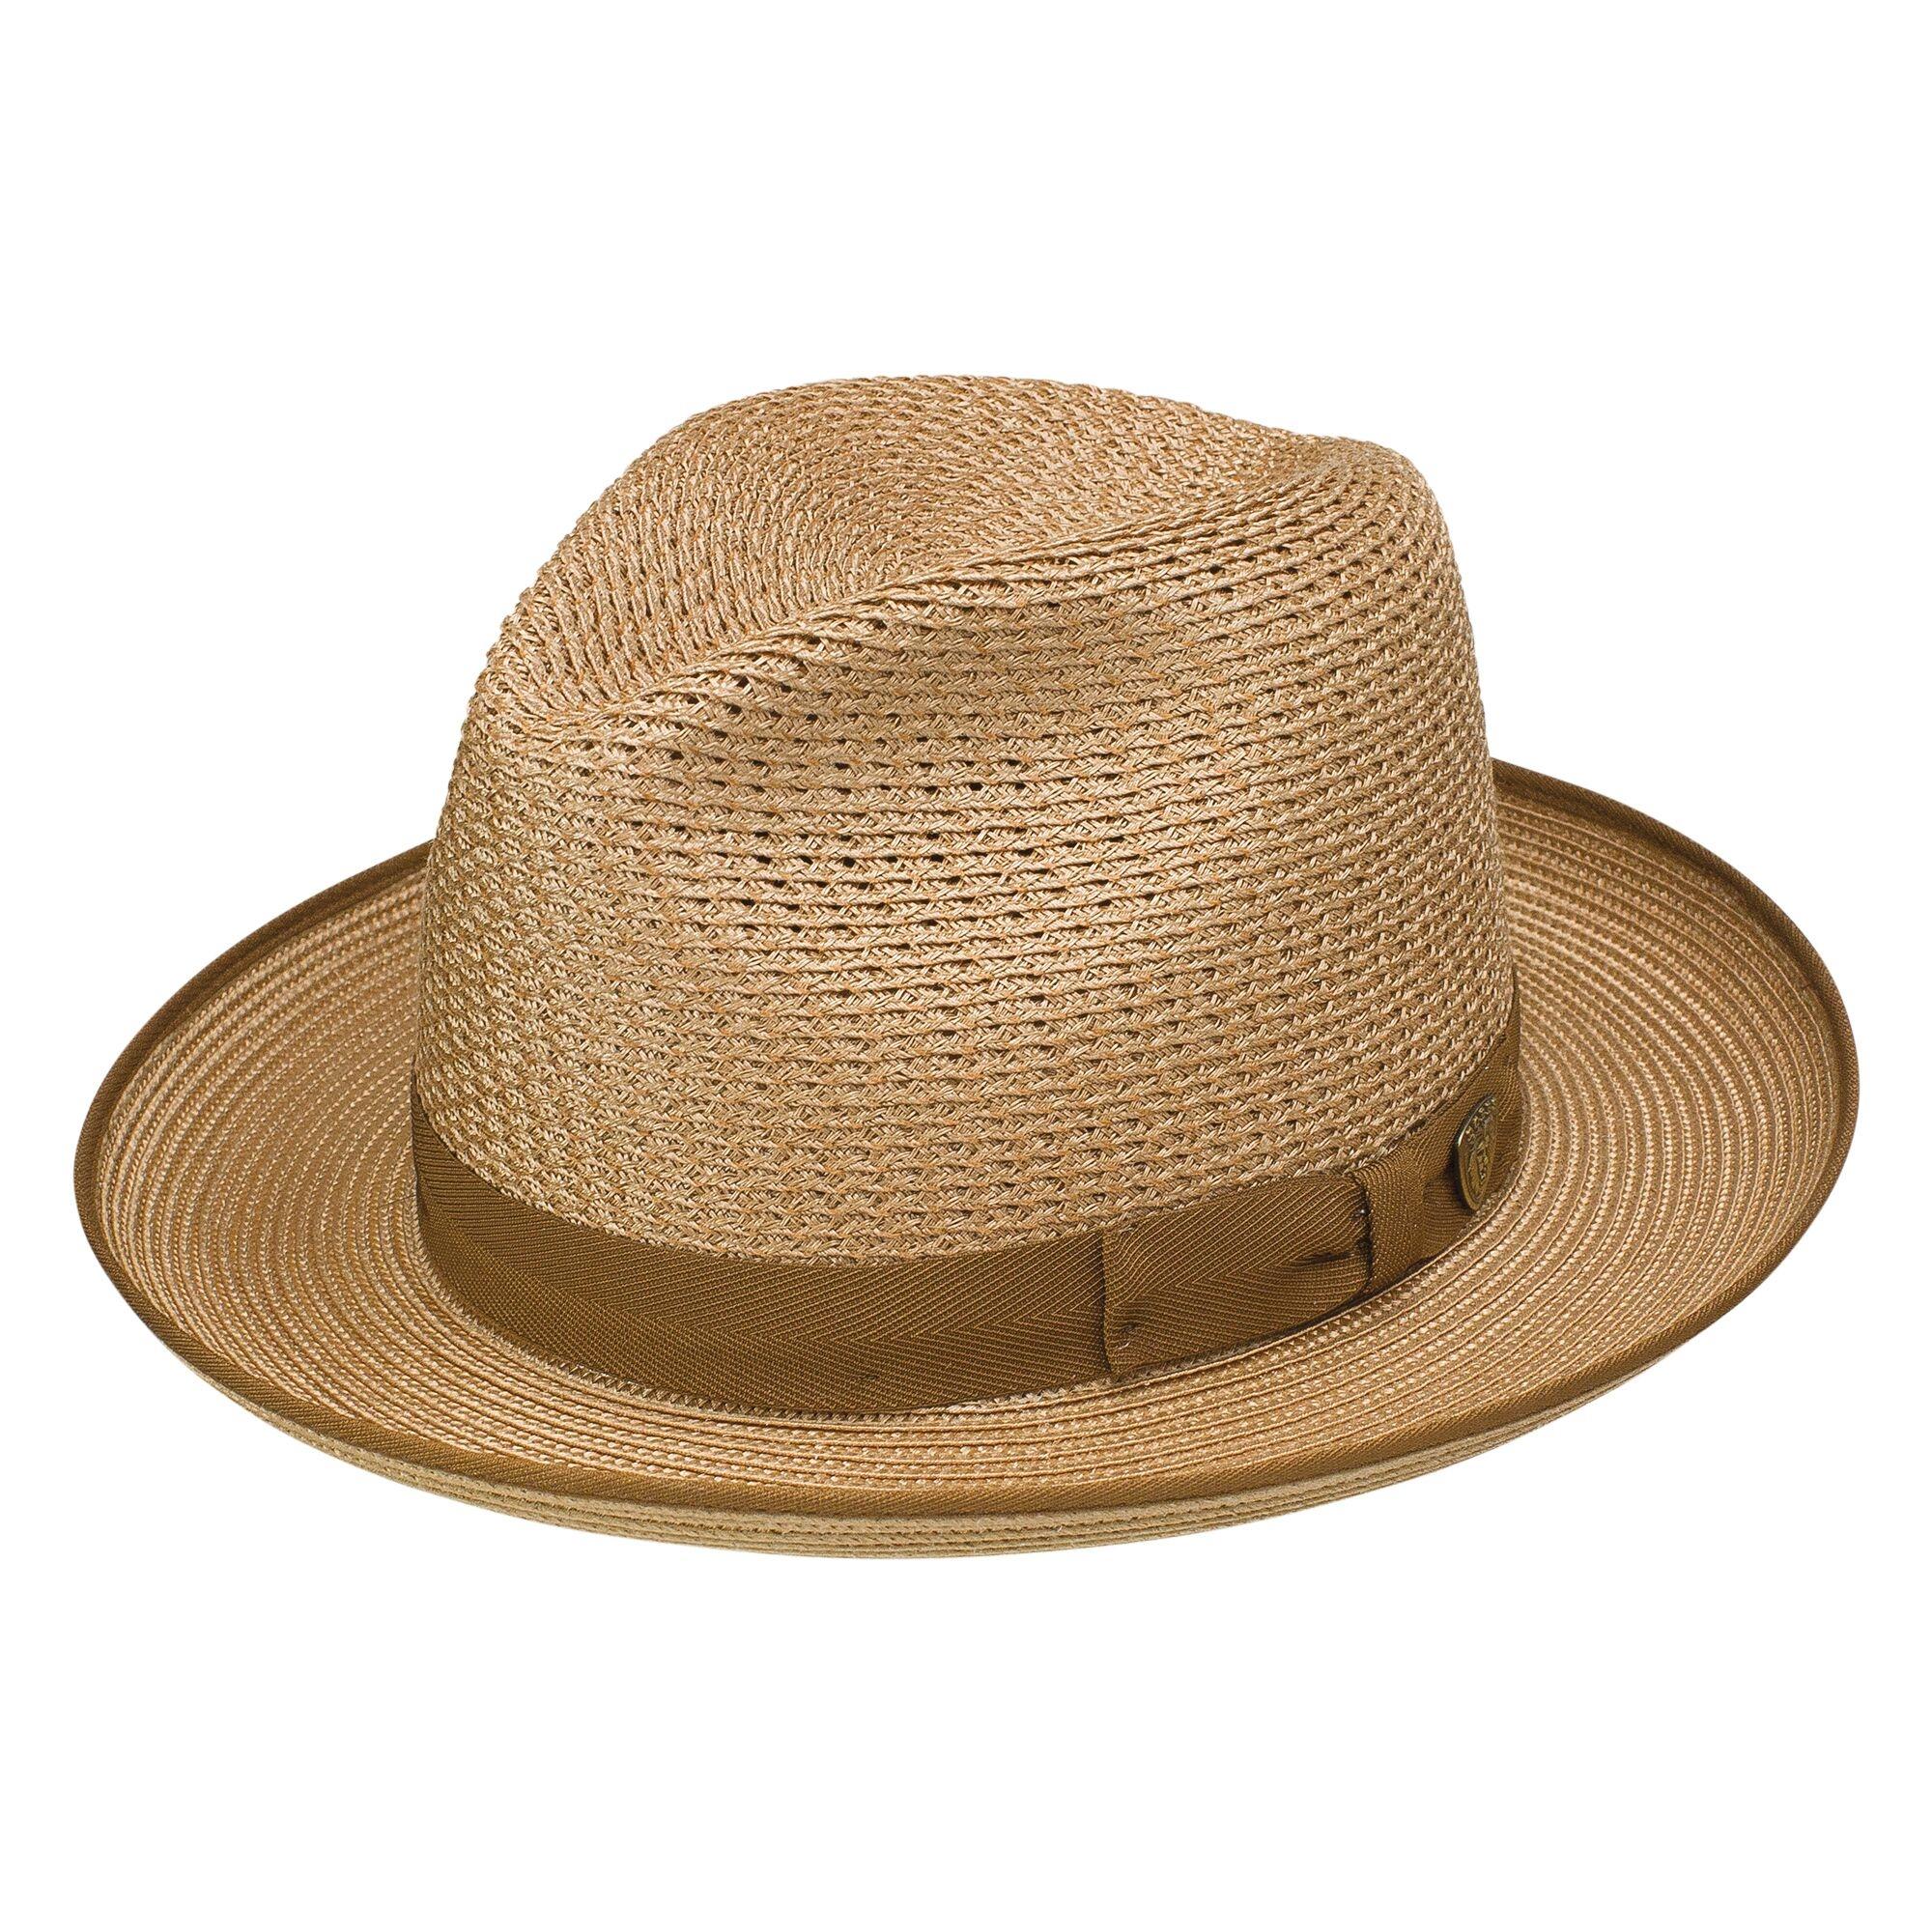 Dobbs Regalis - Milan Straw Fedora Hat